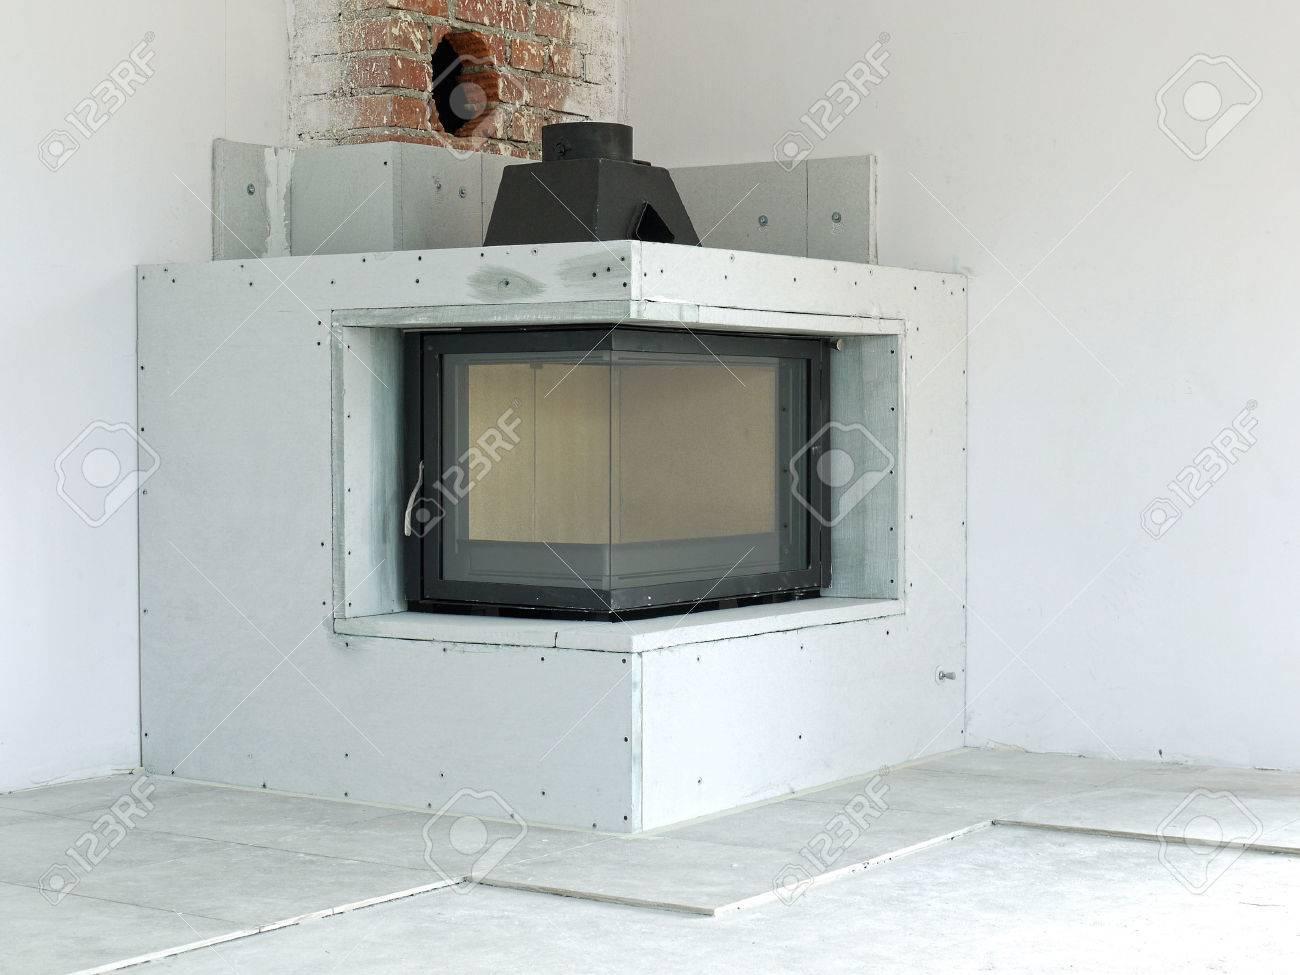 cheminée au feu de bois coin moderne en construction banque d'images